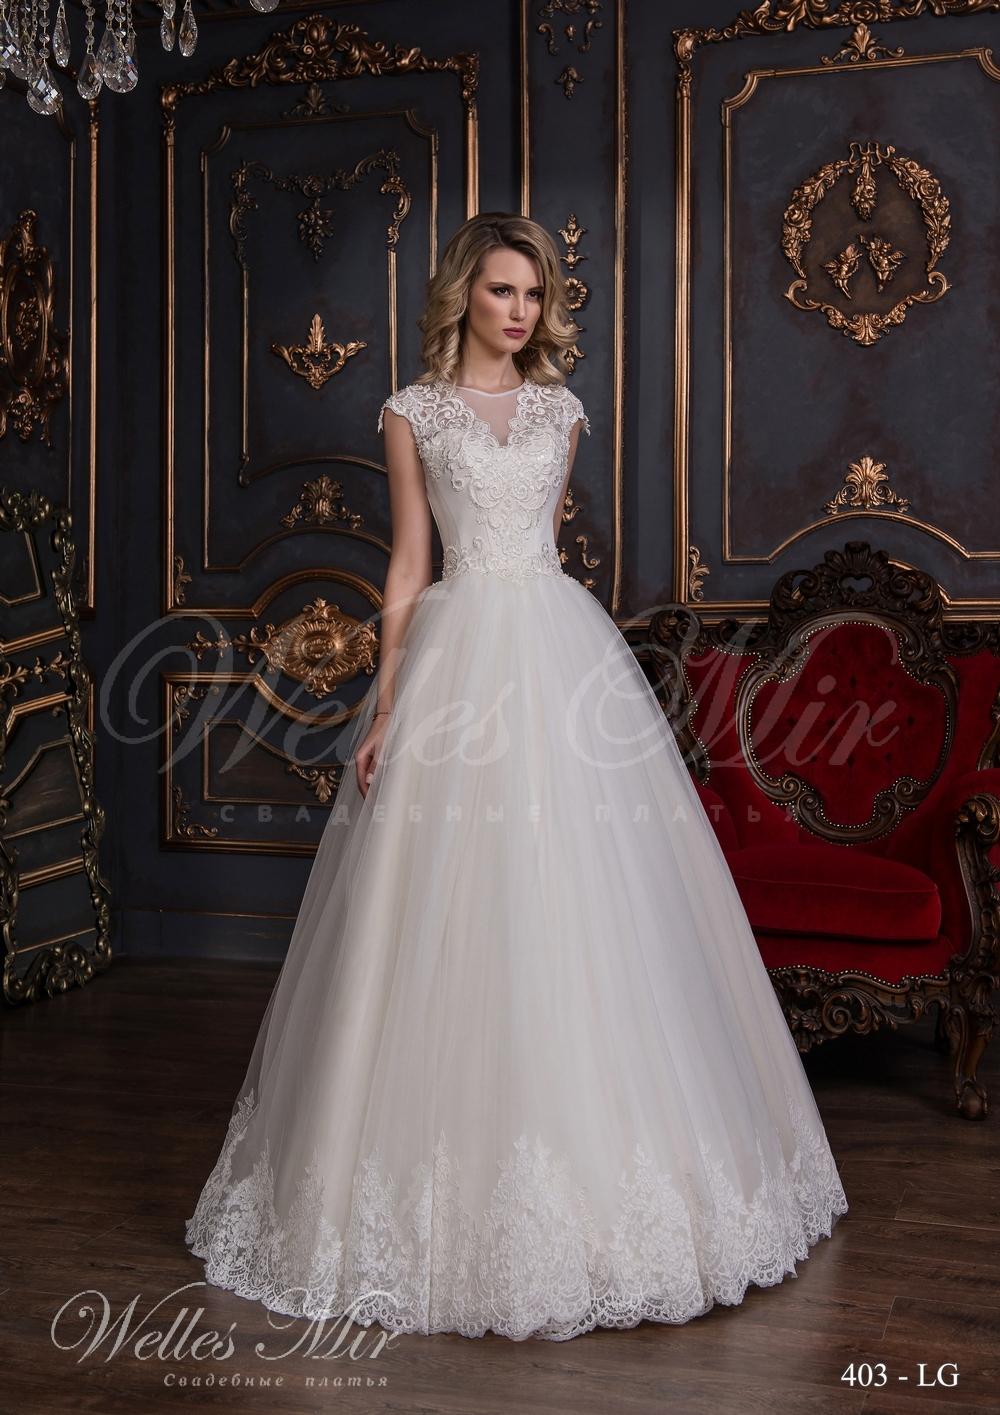 Свадебные платья Luxury collection 2017-2018 - 403-LG